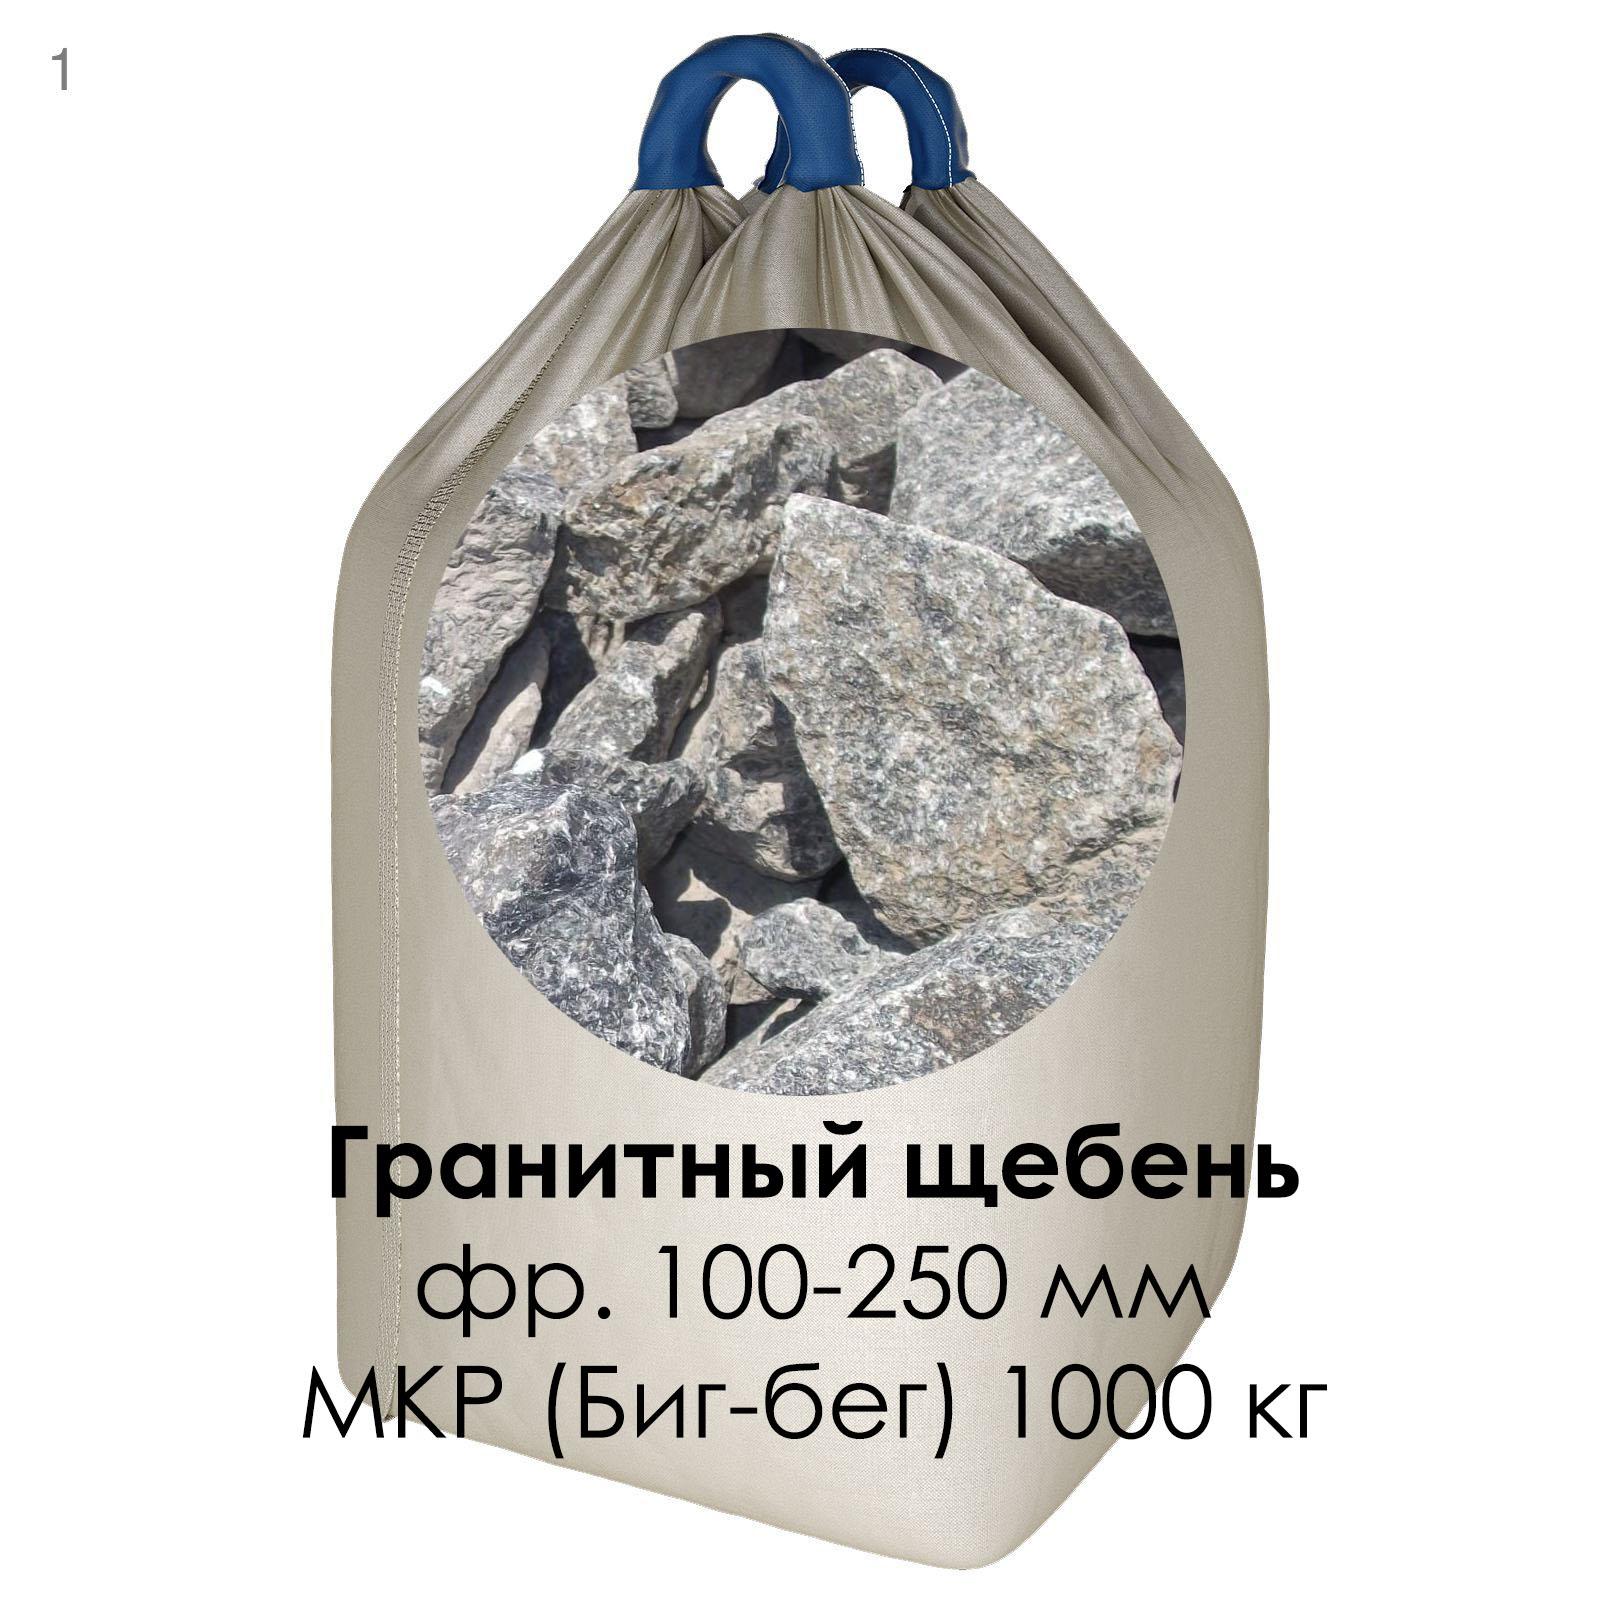 Бутовый гранитный 100-250 в МКР (Биг-бег)